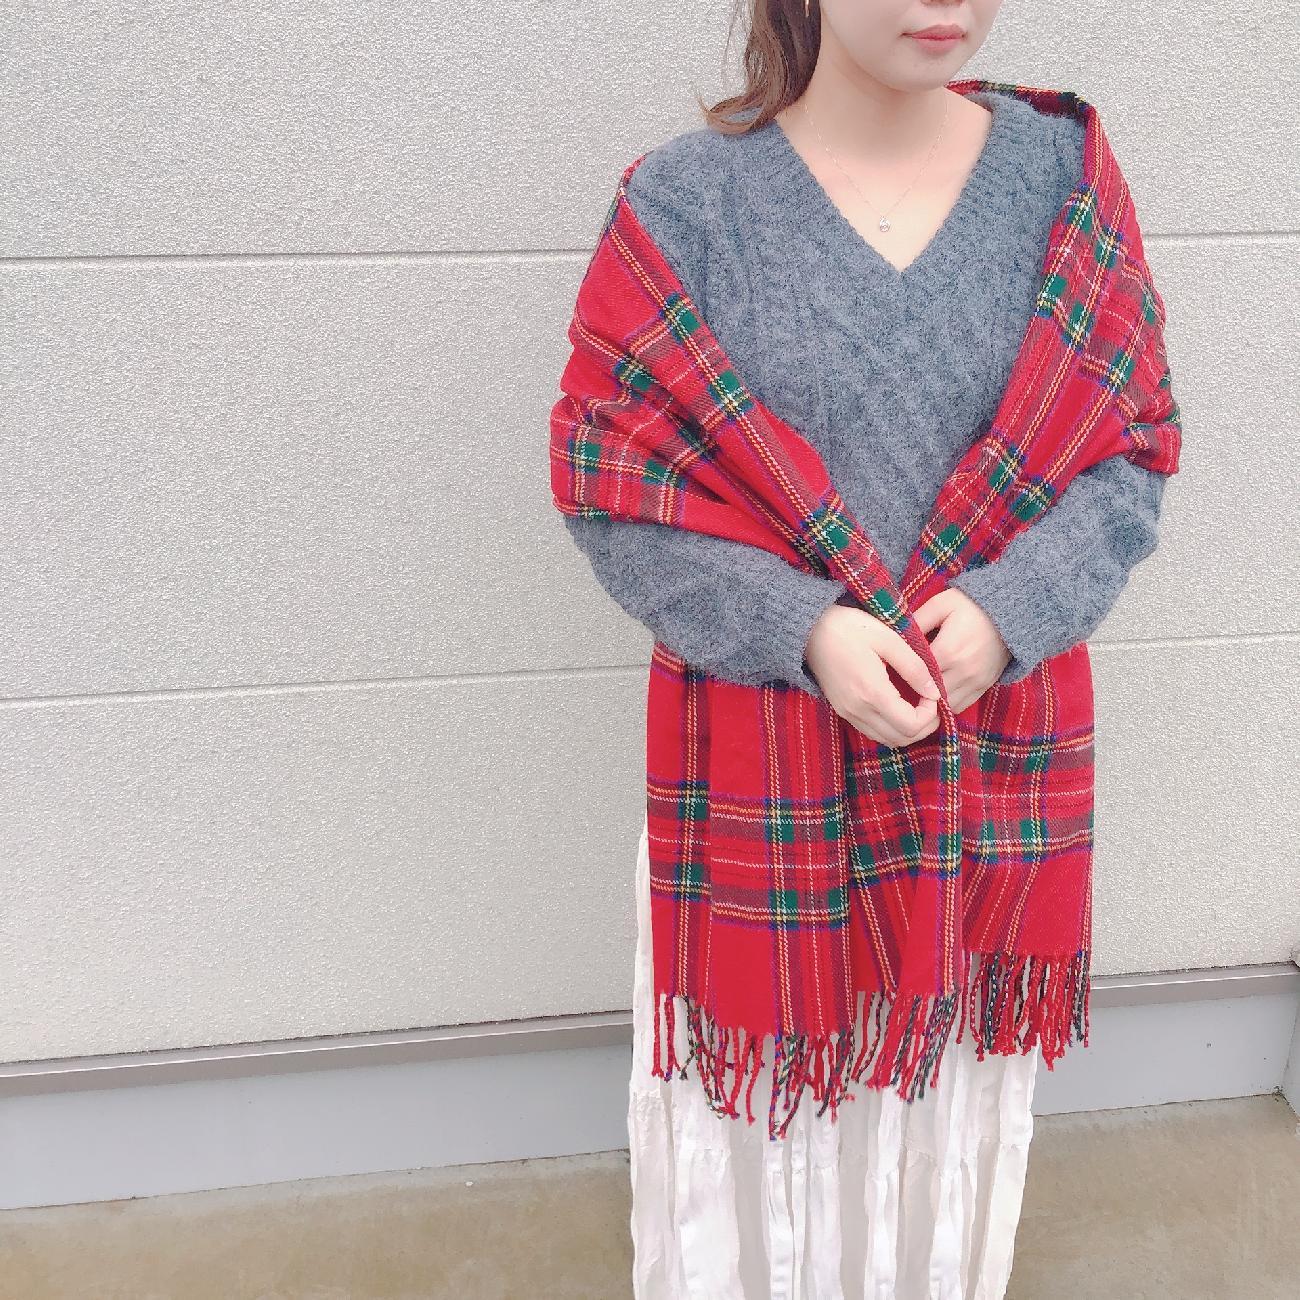 マフラー/ストール/大判ストール/ひざ掛け/羽織り/ファッション/コーディネート